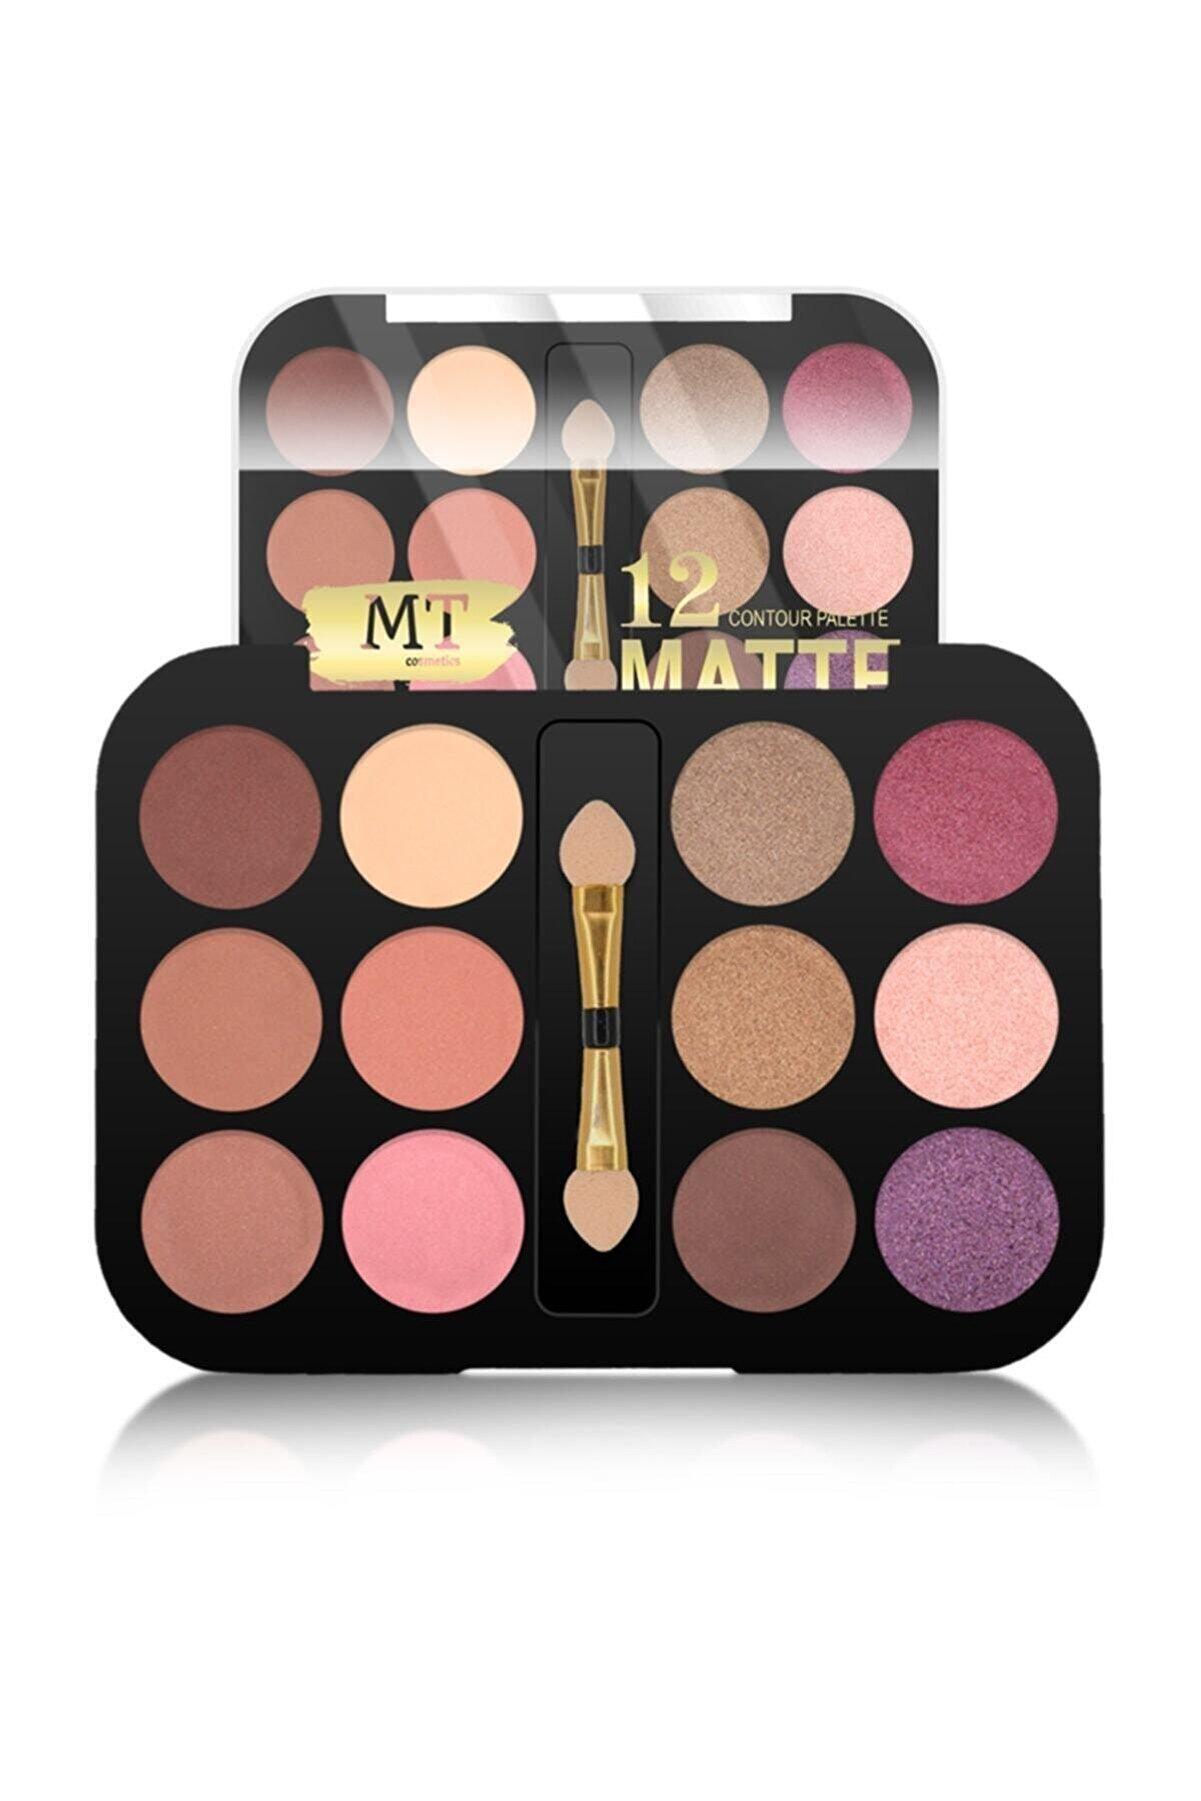 Makeuptime Mt 12 Li Matte Far Paleti 02